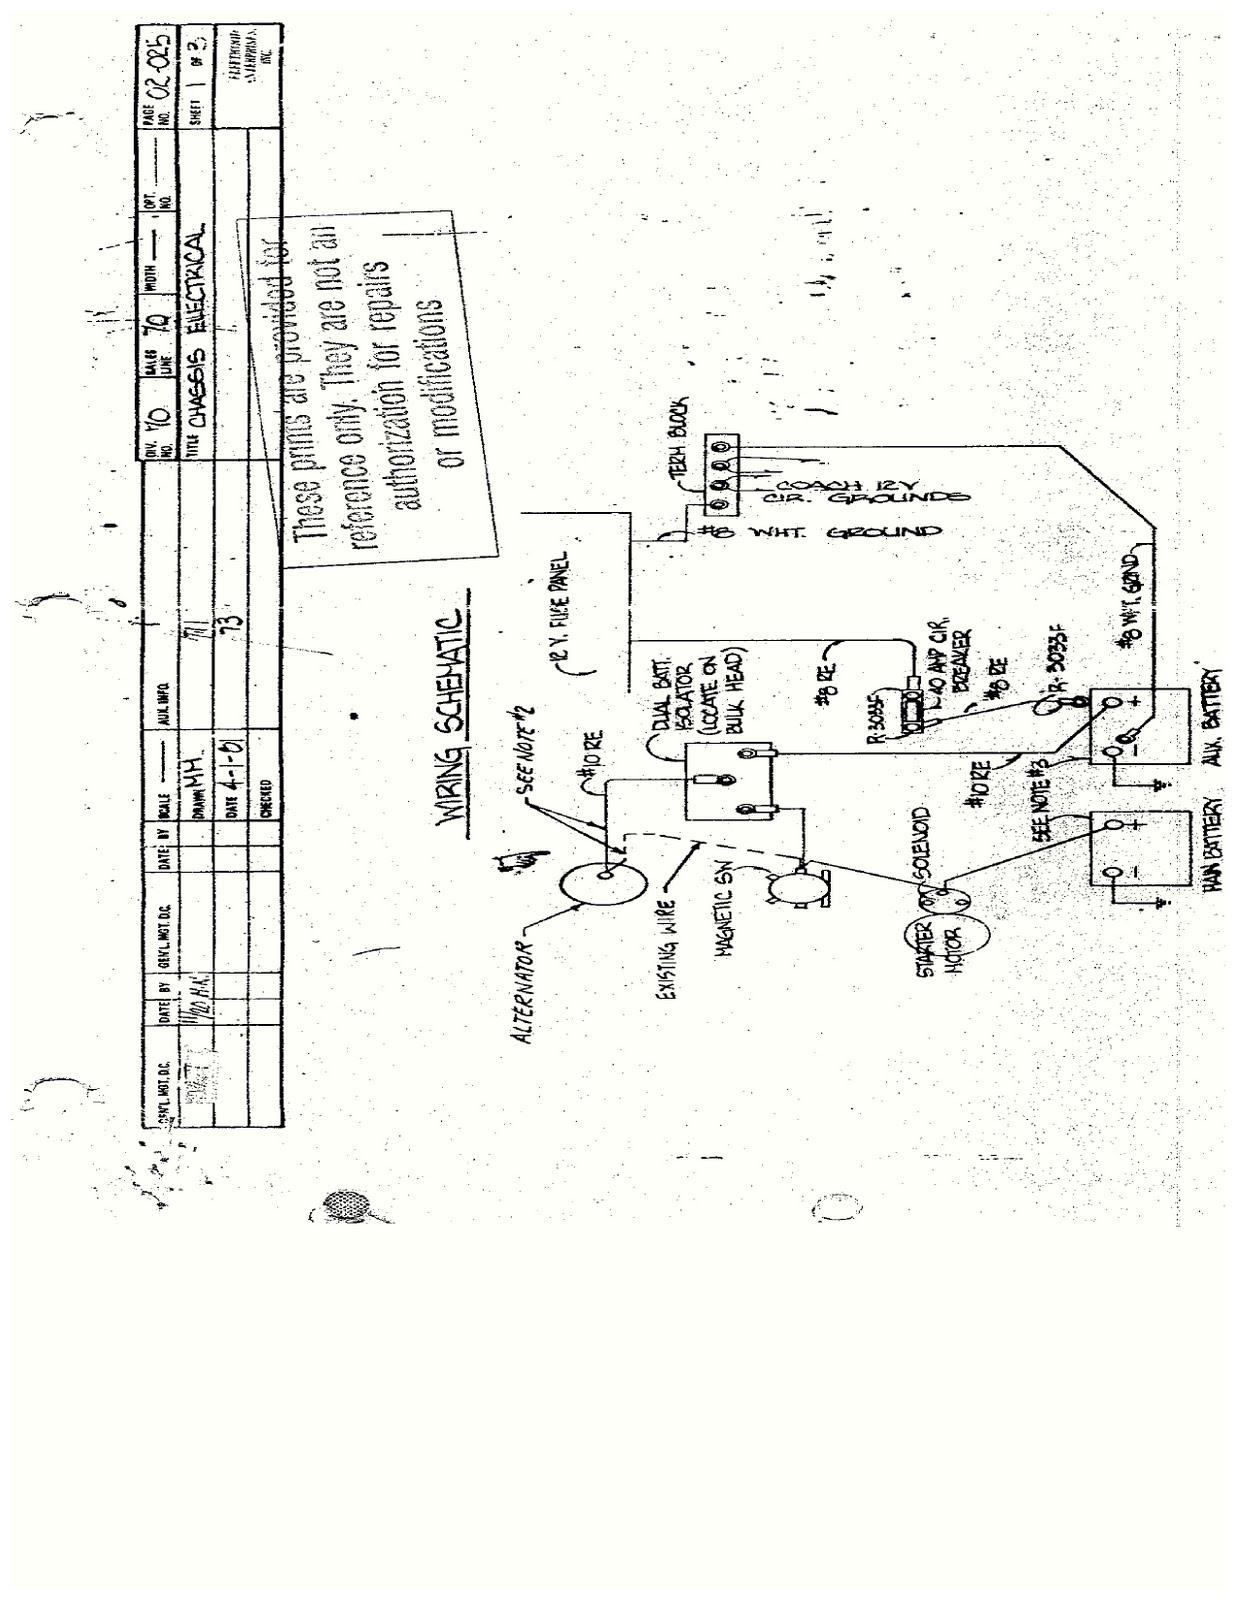 1984 pontiac fiero fuse box diagram 1986 pontiac fiero 97 chevy p30 dashboard 97 chevy malibu [ 1236 x 1600 Pixel ]